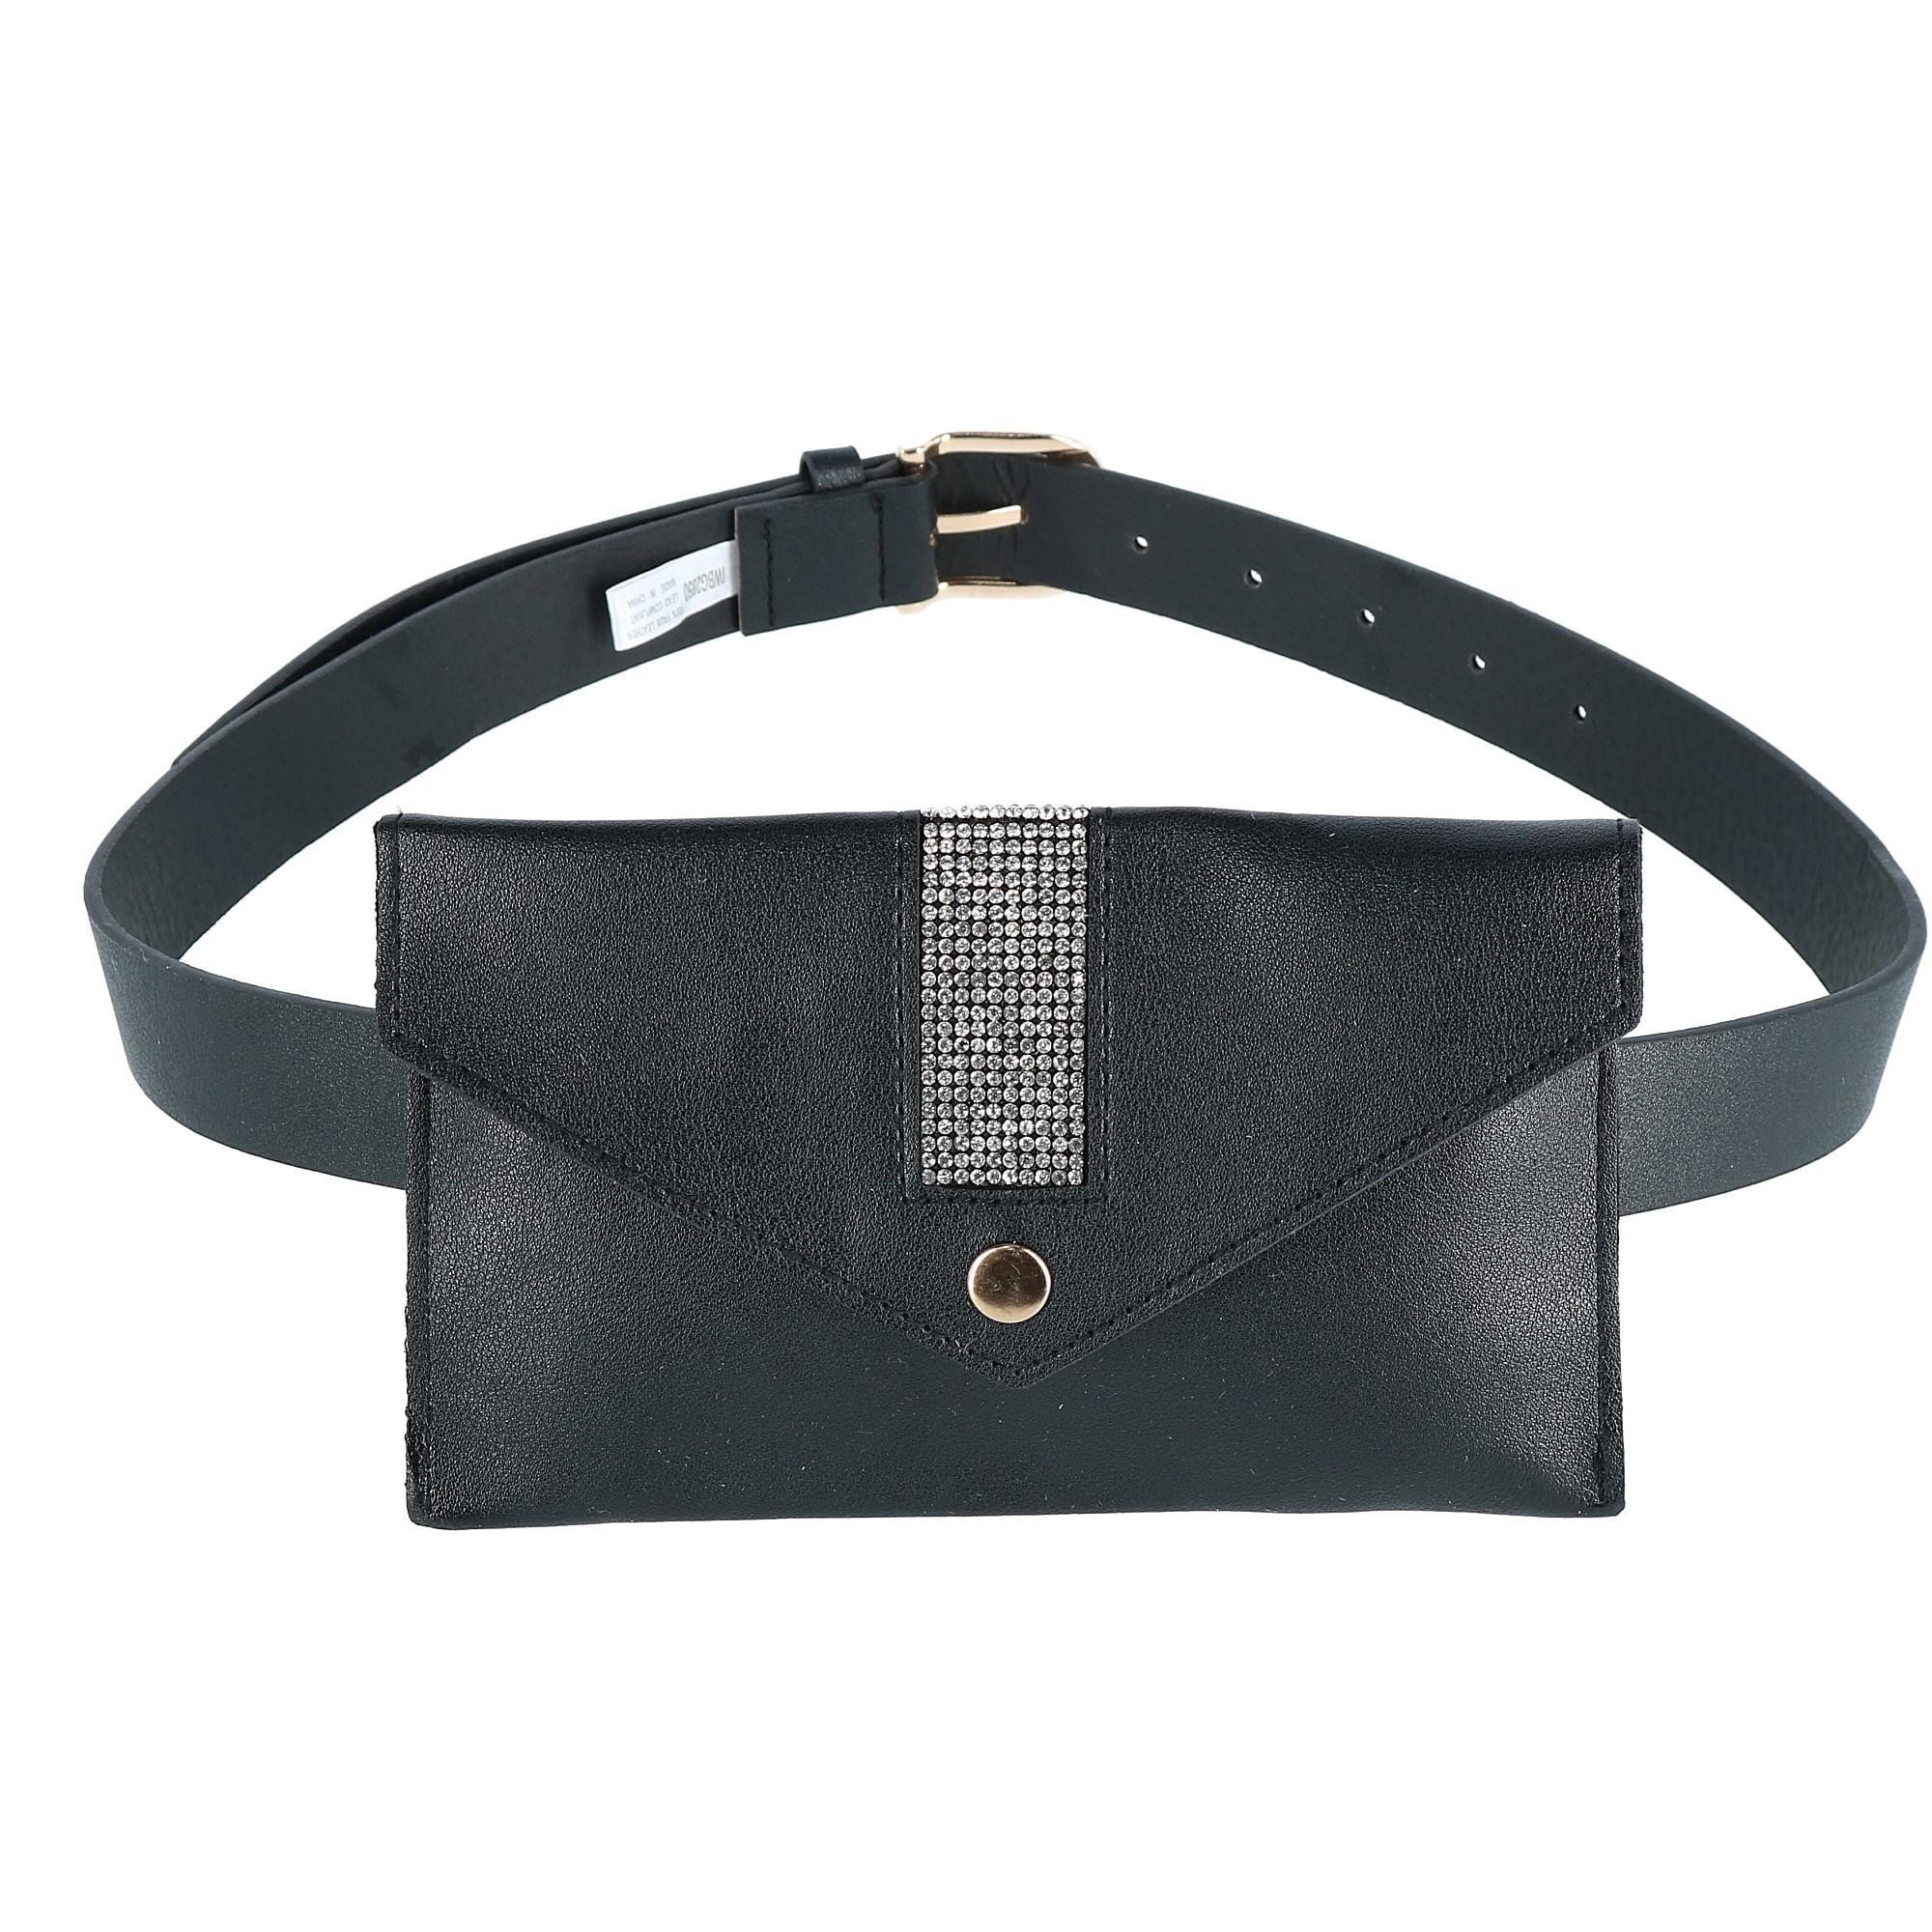 Ctm Rhinestone Studded Fashion Waist Pack Belt Bag One Size